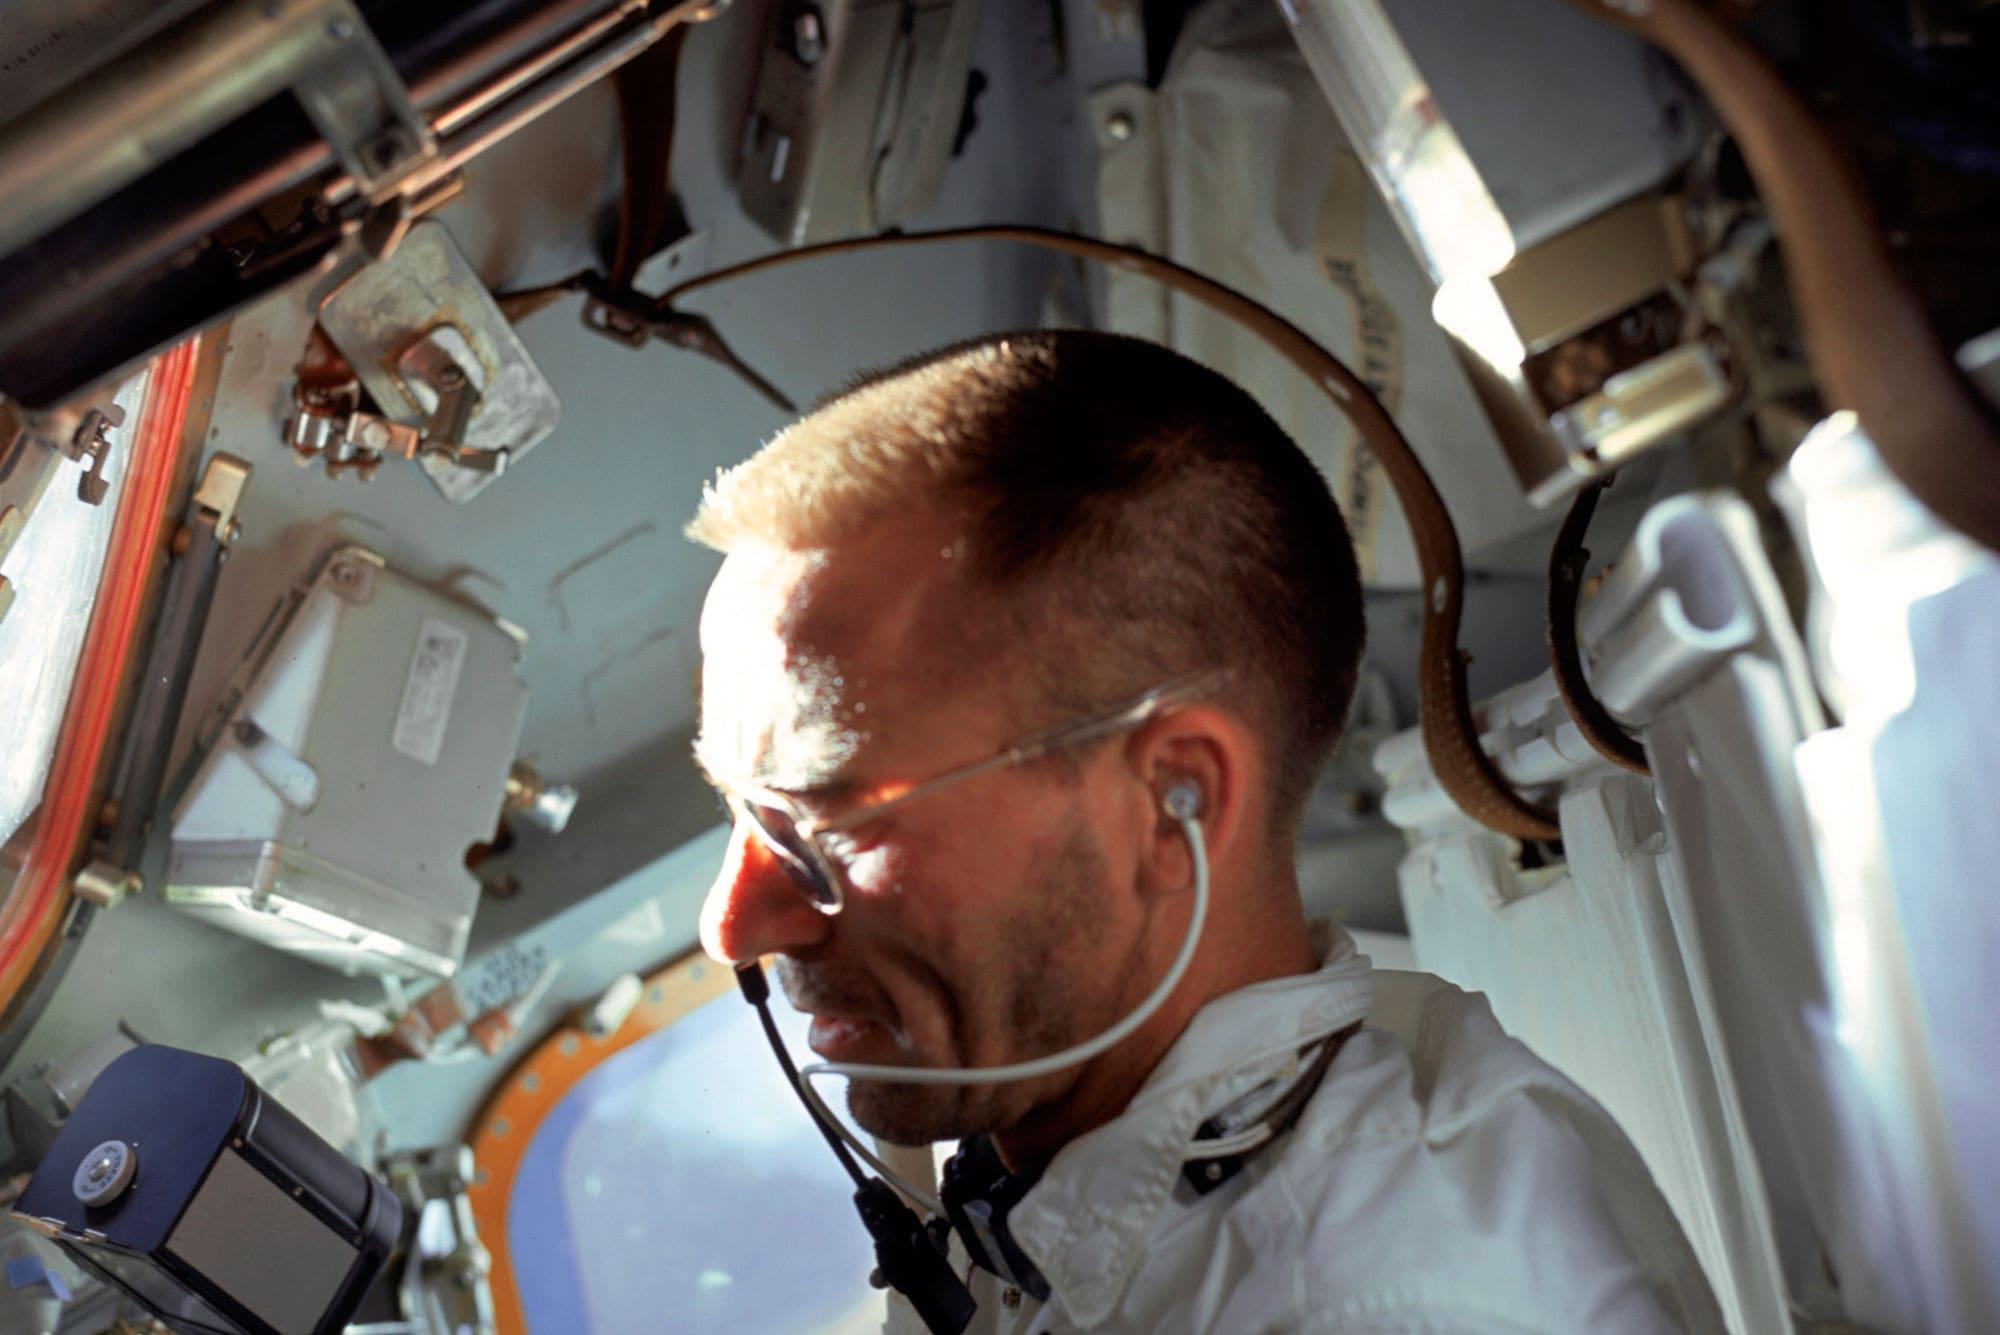 El astronauta Cunningham en el módulo lunar